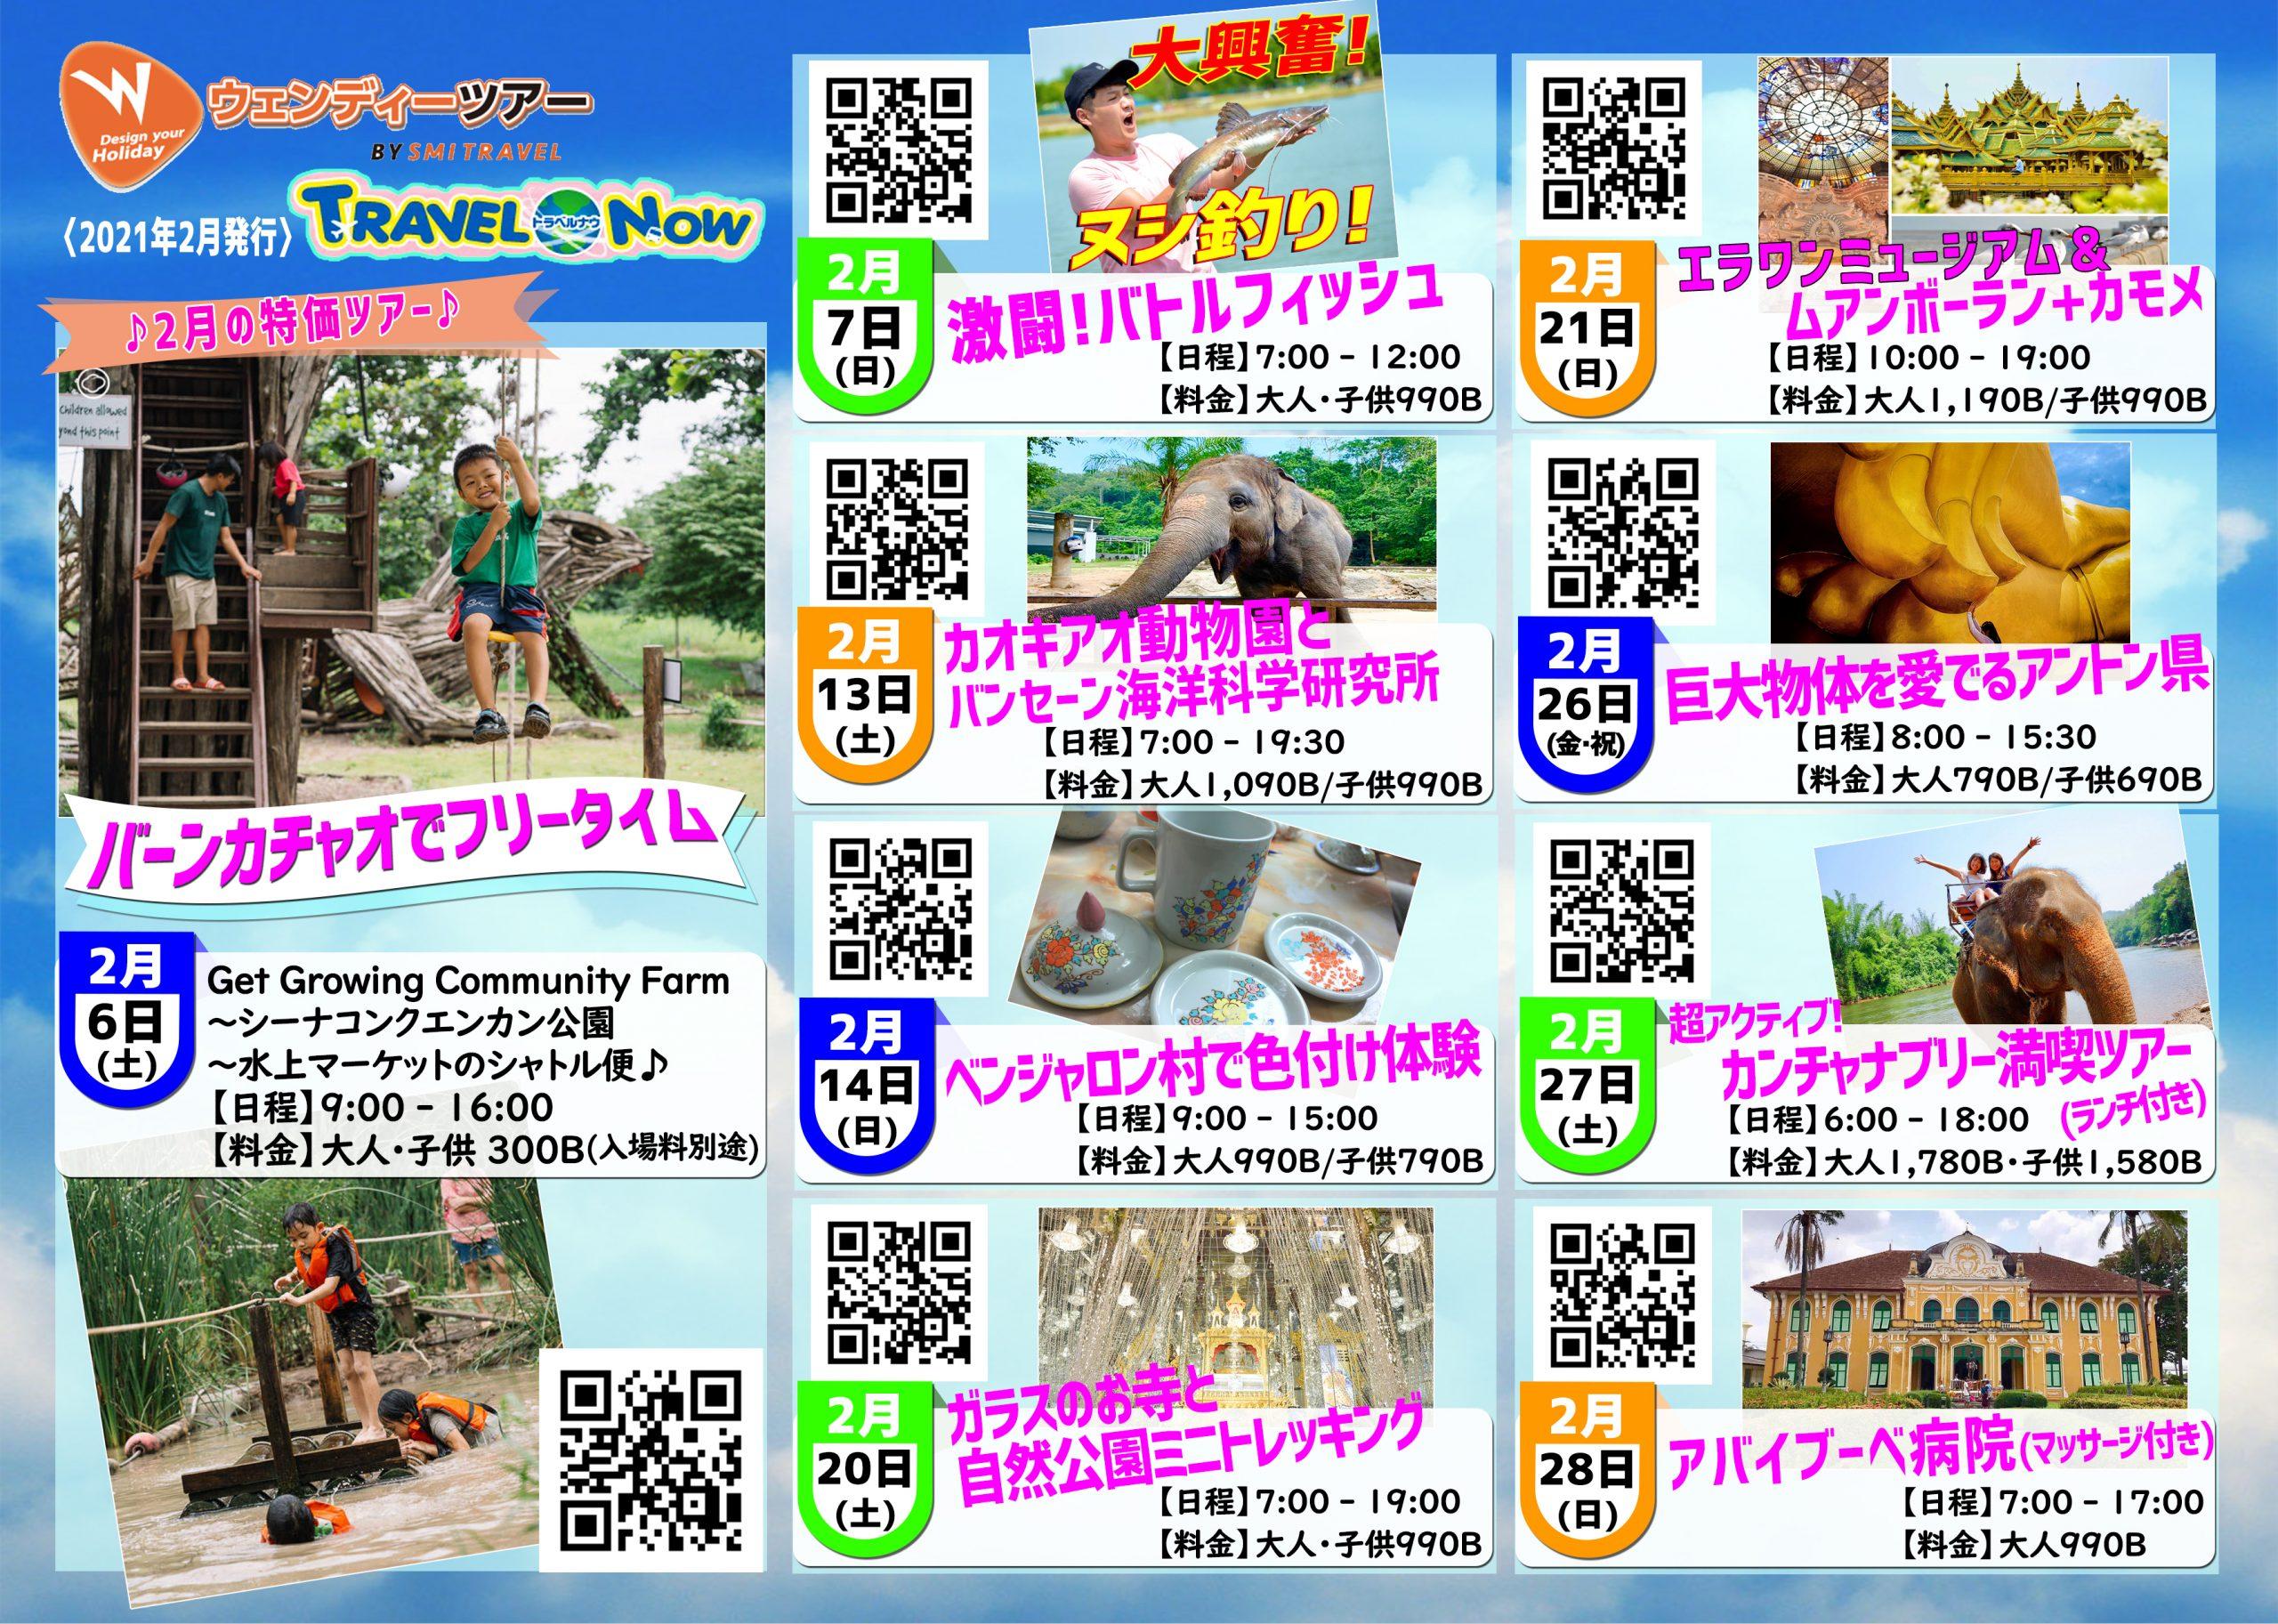 【月刊チラシ特集】2021年2月号更新